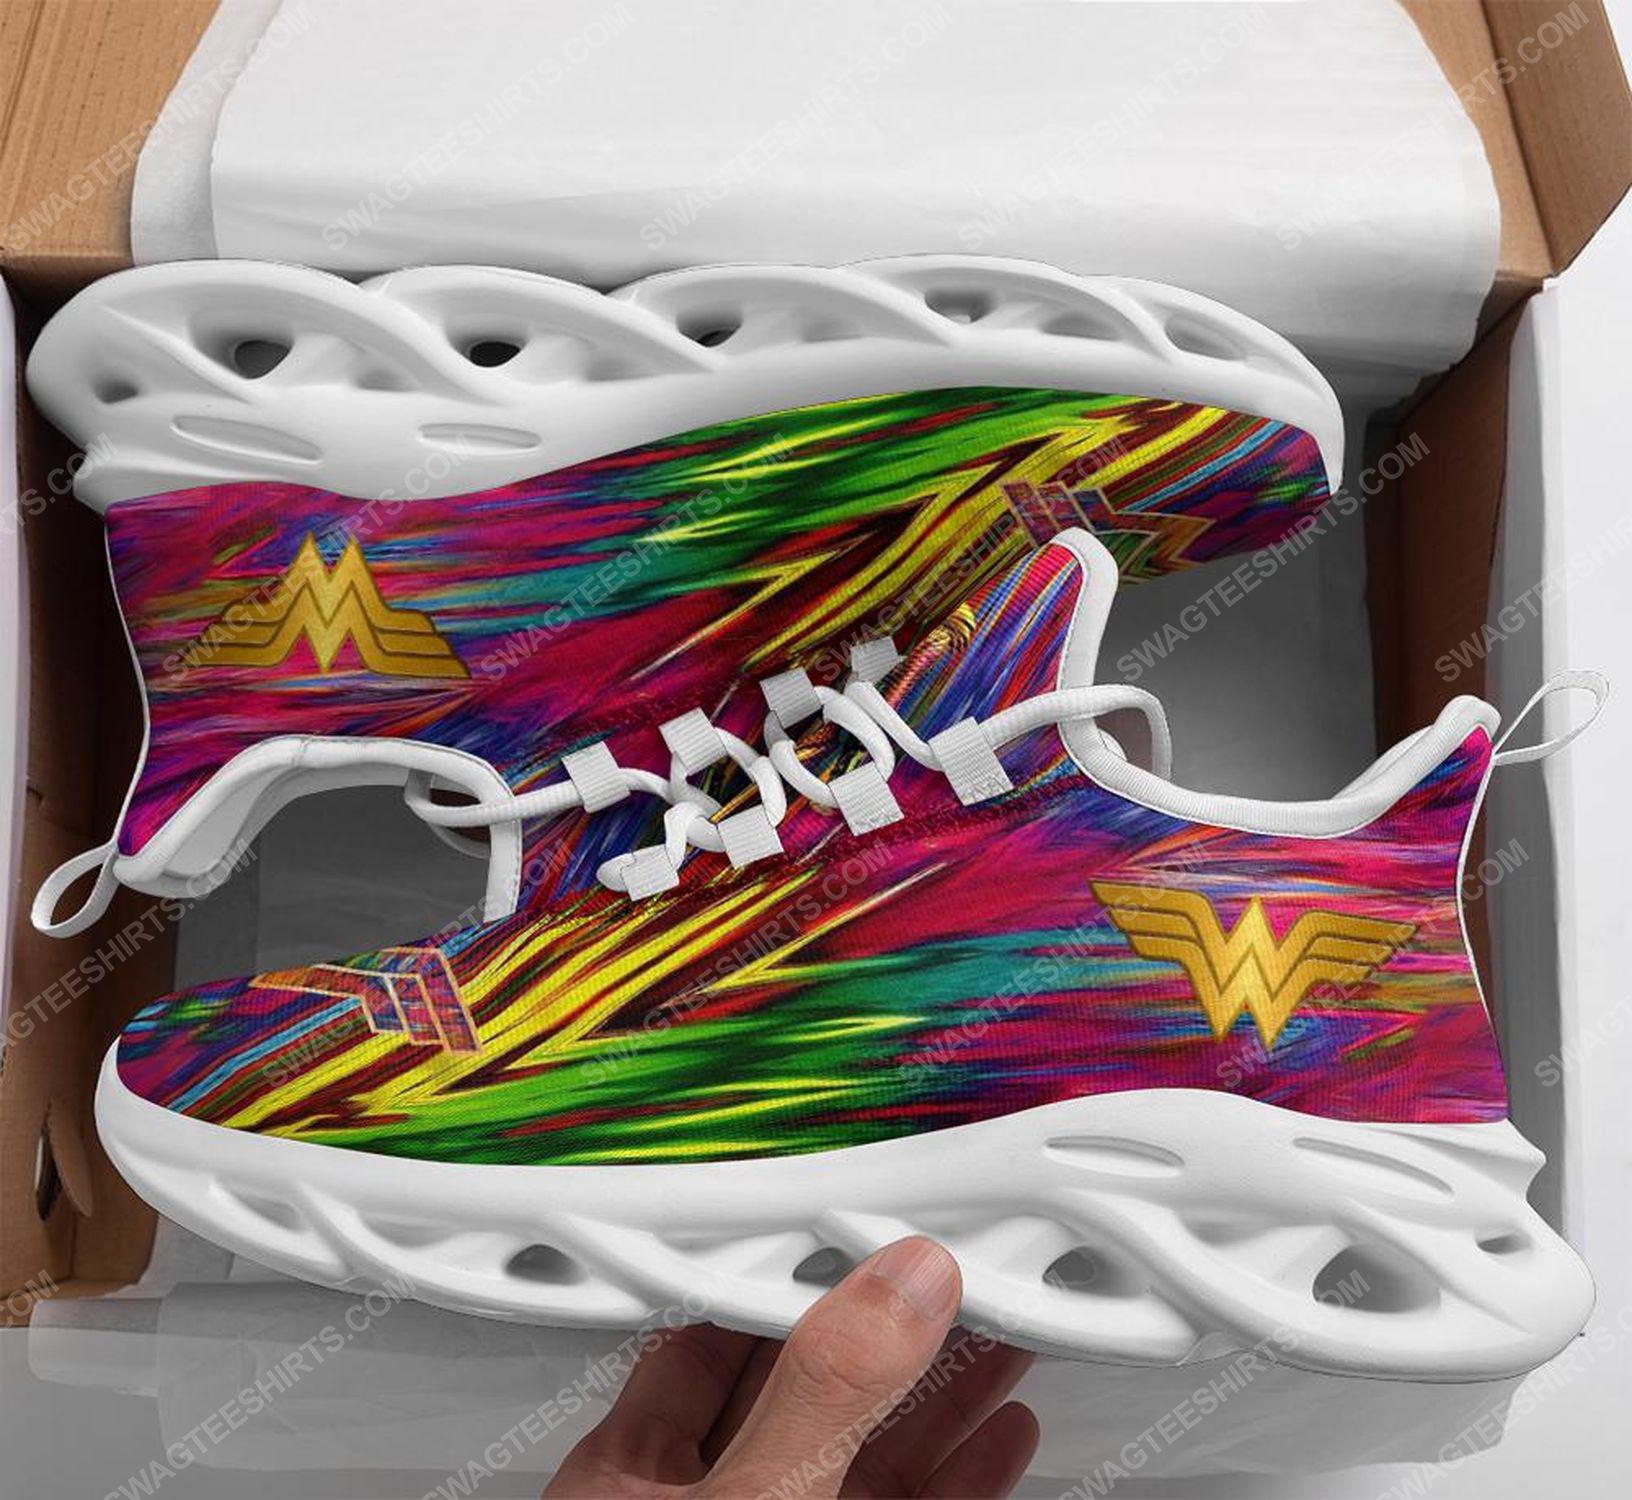 DC wonder woman movie max soul shoes 1 - Copy (2)